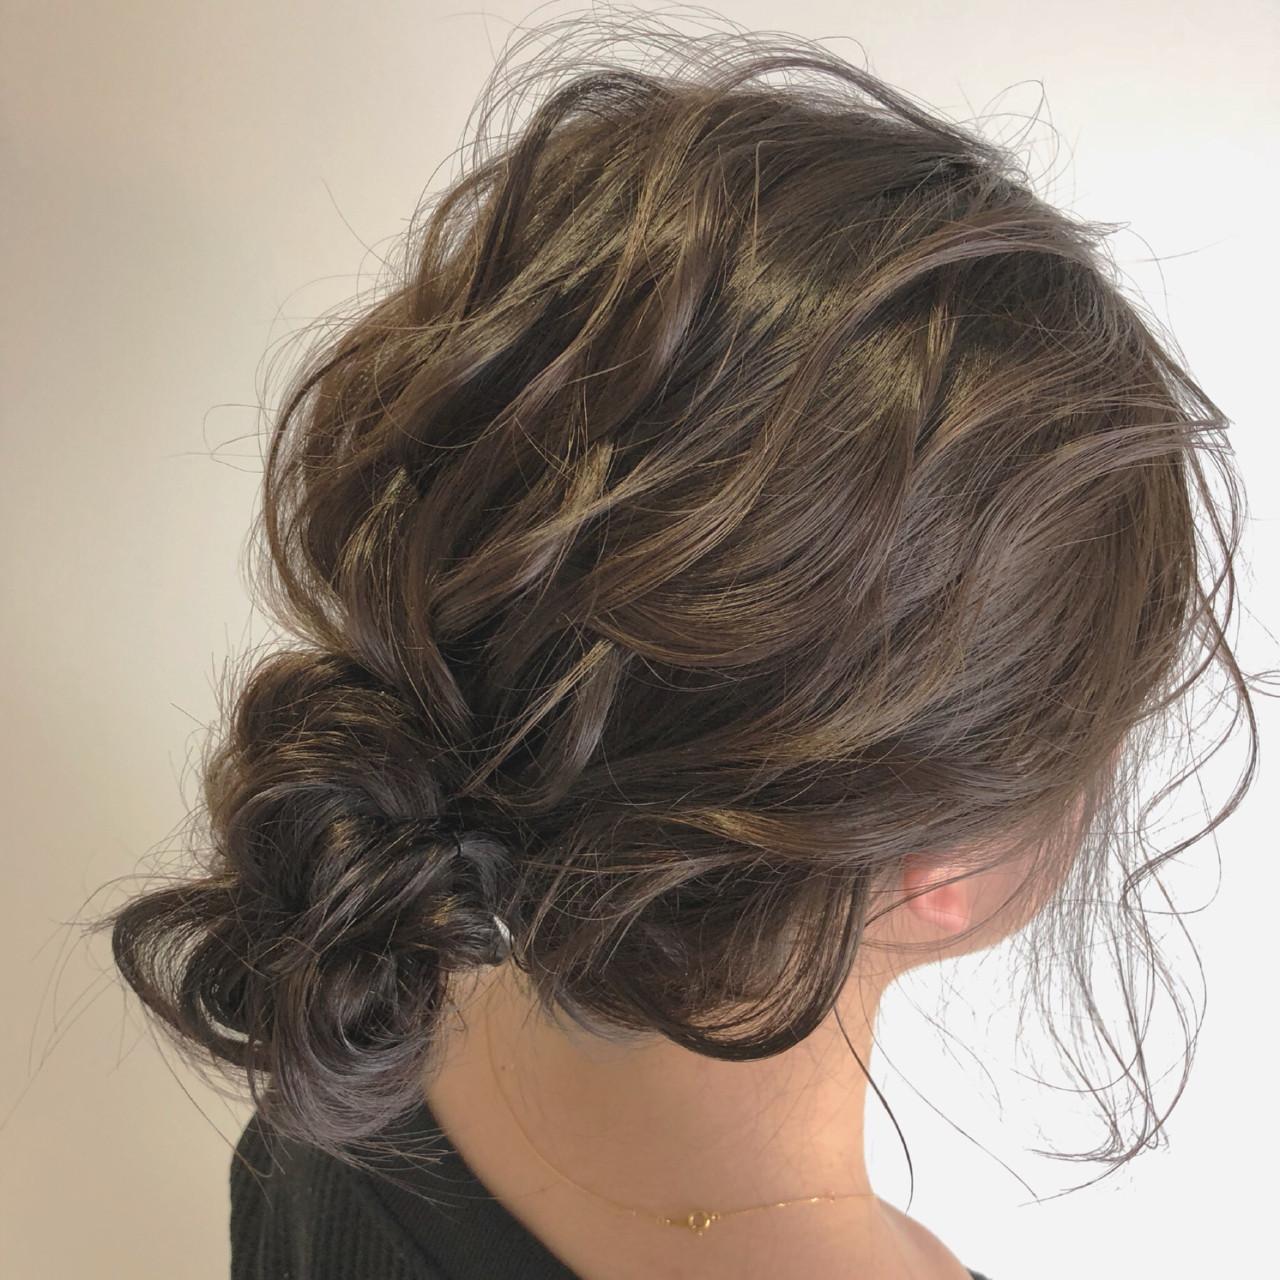 ミディアム シニヨン ナチュラル 結婚式 ヘアスタイルや髪型の写真・画像